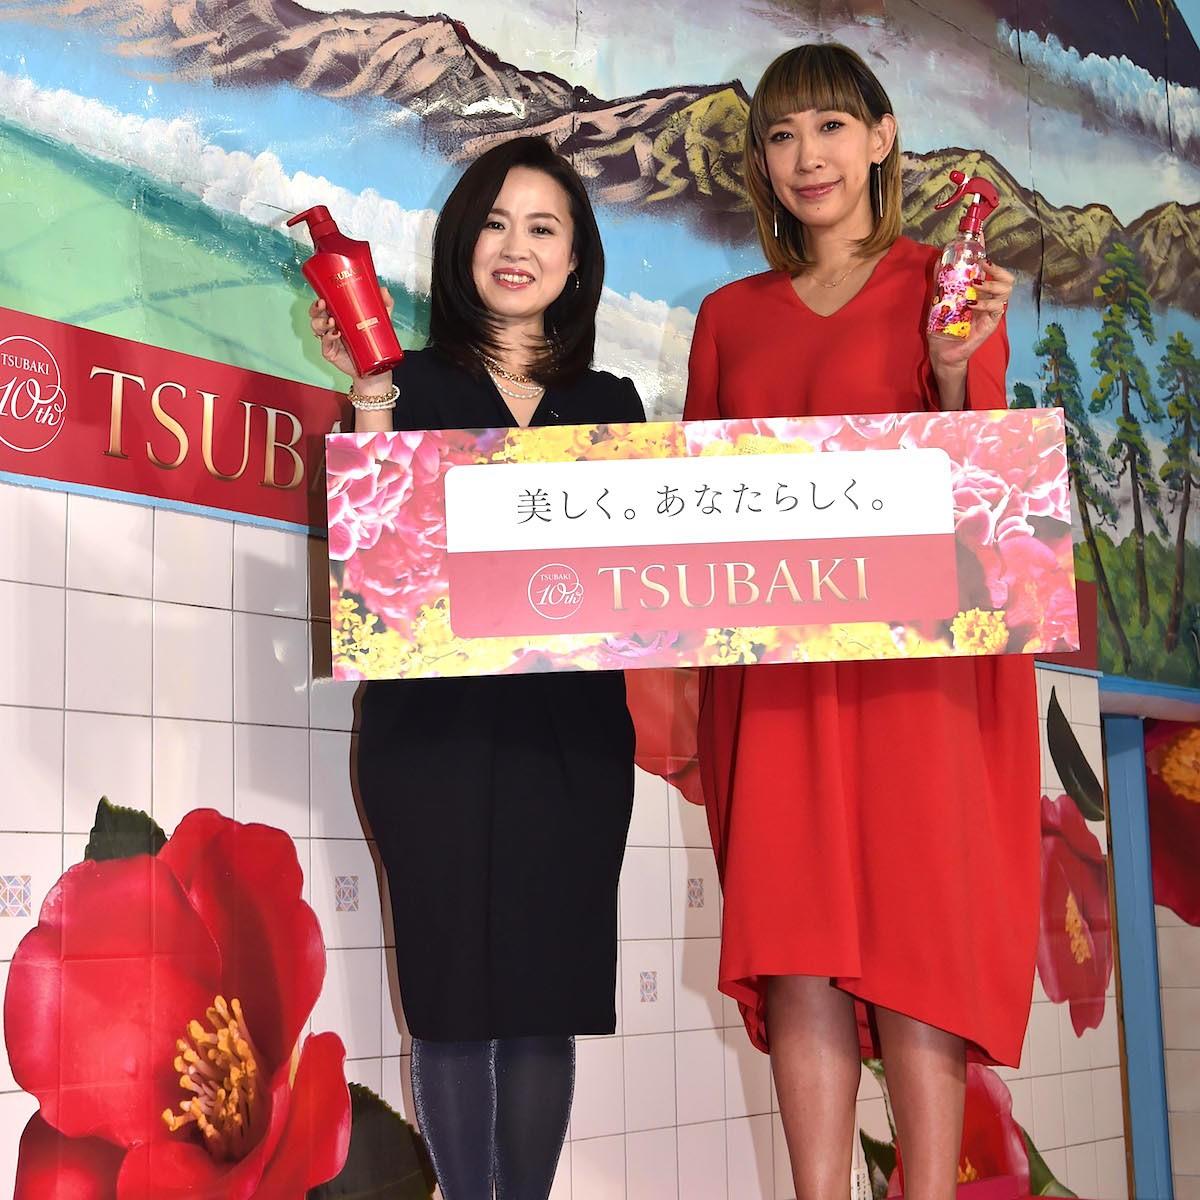 祝・10周年記念「TSUBAKI×蜷川実花さん」のスペシャルコラボ! 「TSUBAKI 湯」「限定コラボ品」お披露目会レポート!